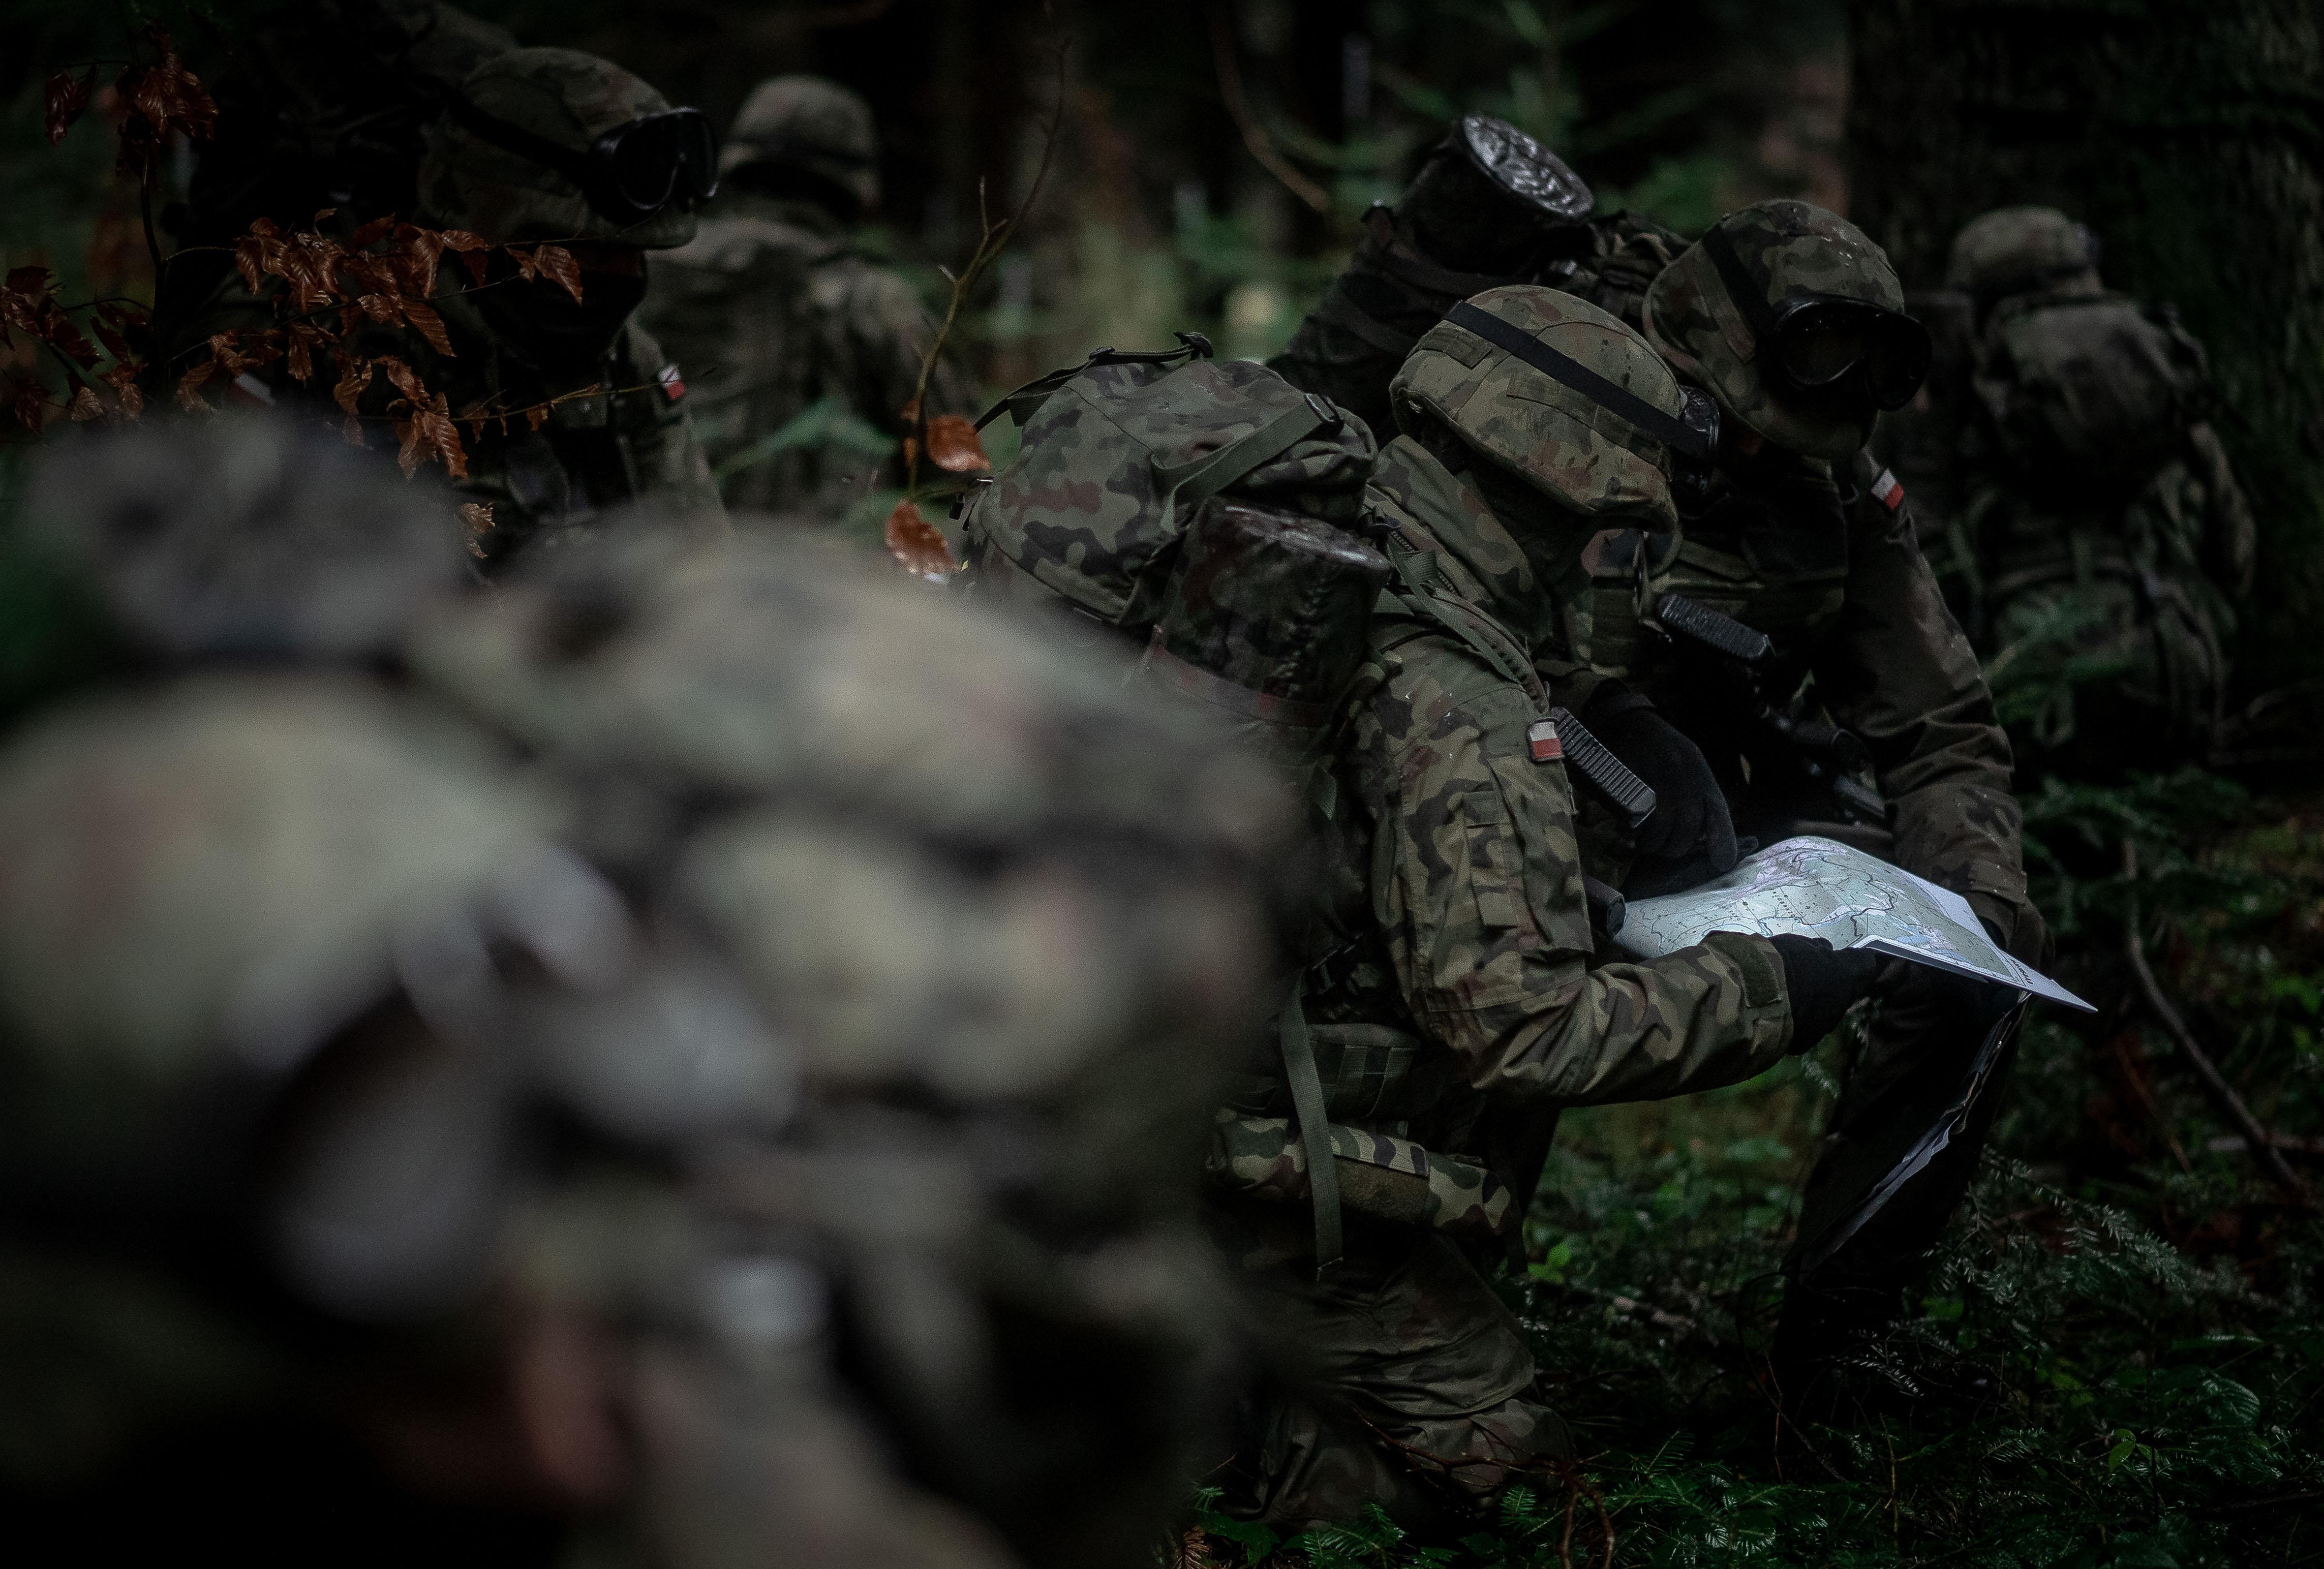 Działania w terenie leśnym żołnierzy sanockiego batalionu WOT [ZDJĘCIA] - Zdjęcie główne